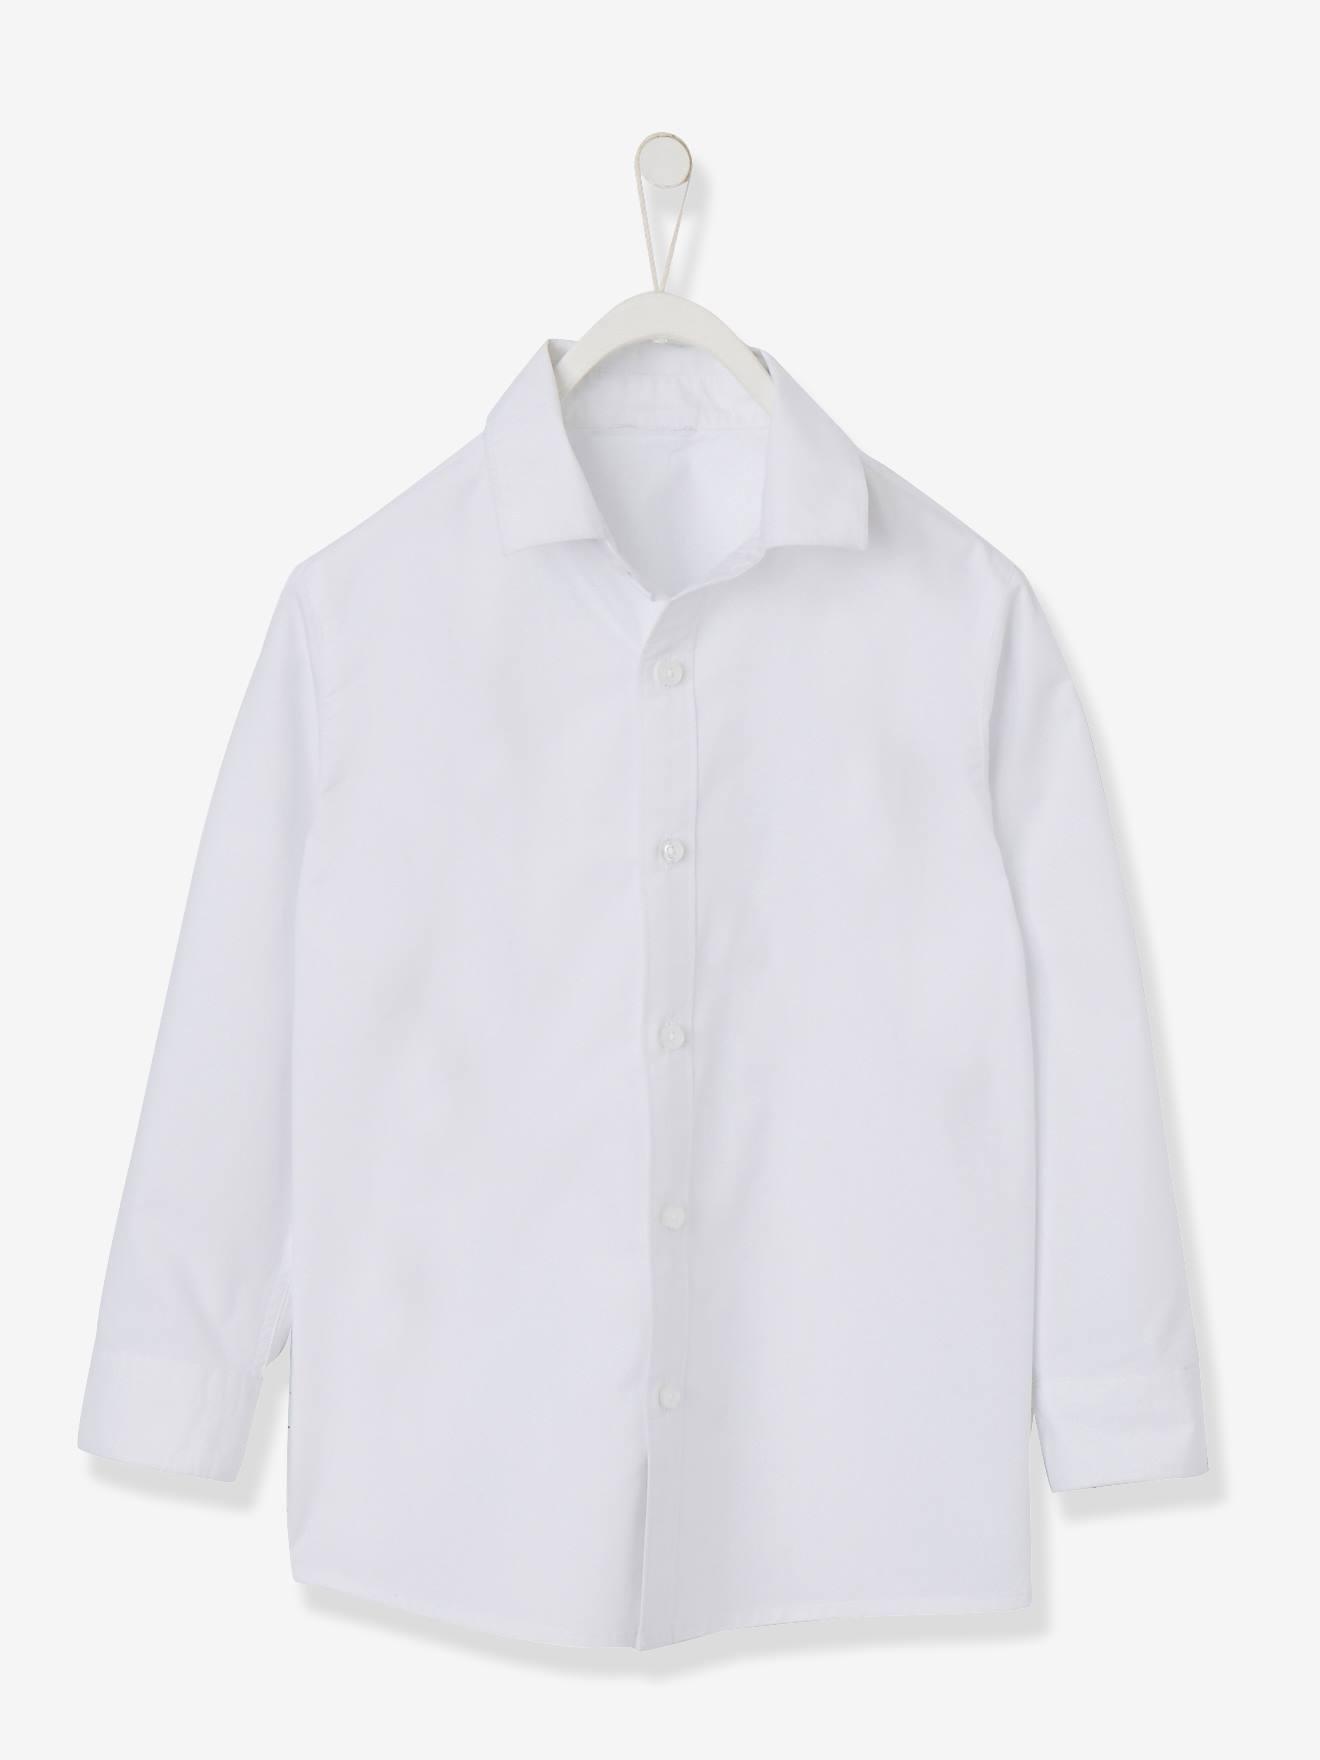 Enfants Mode Prêt Vêtements Vertbaudet Porter Pour À Garçon wxIWCSqvY 11c504648fd